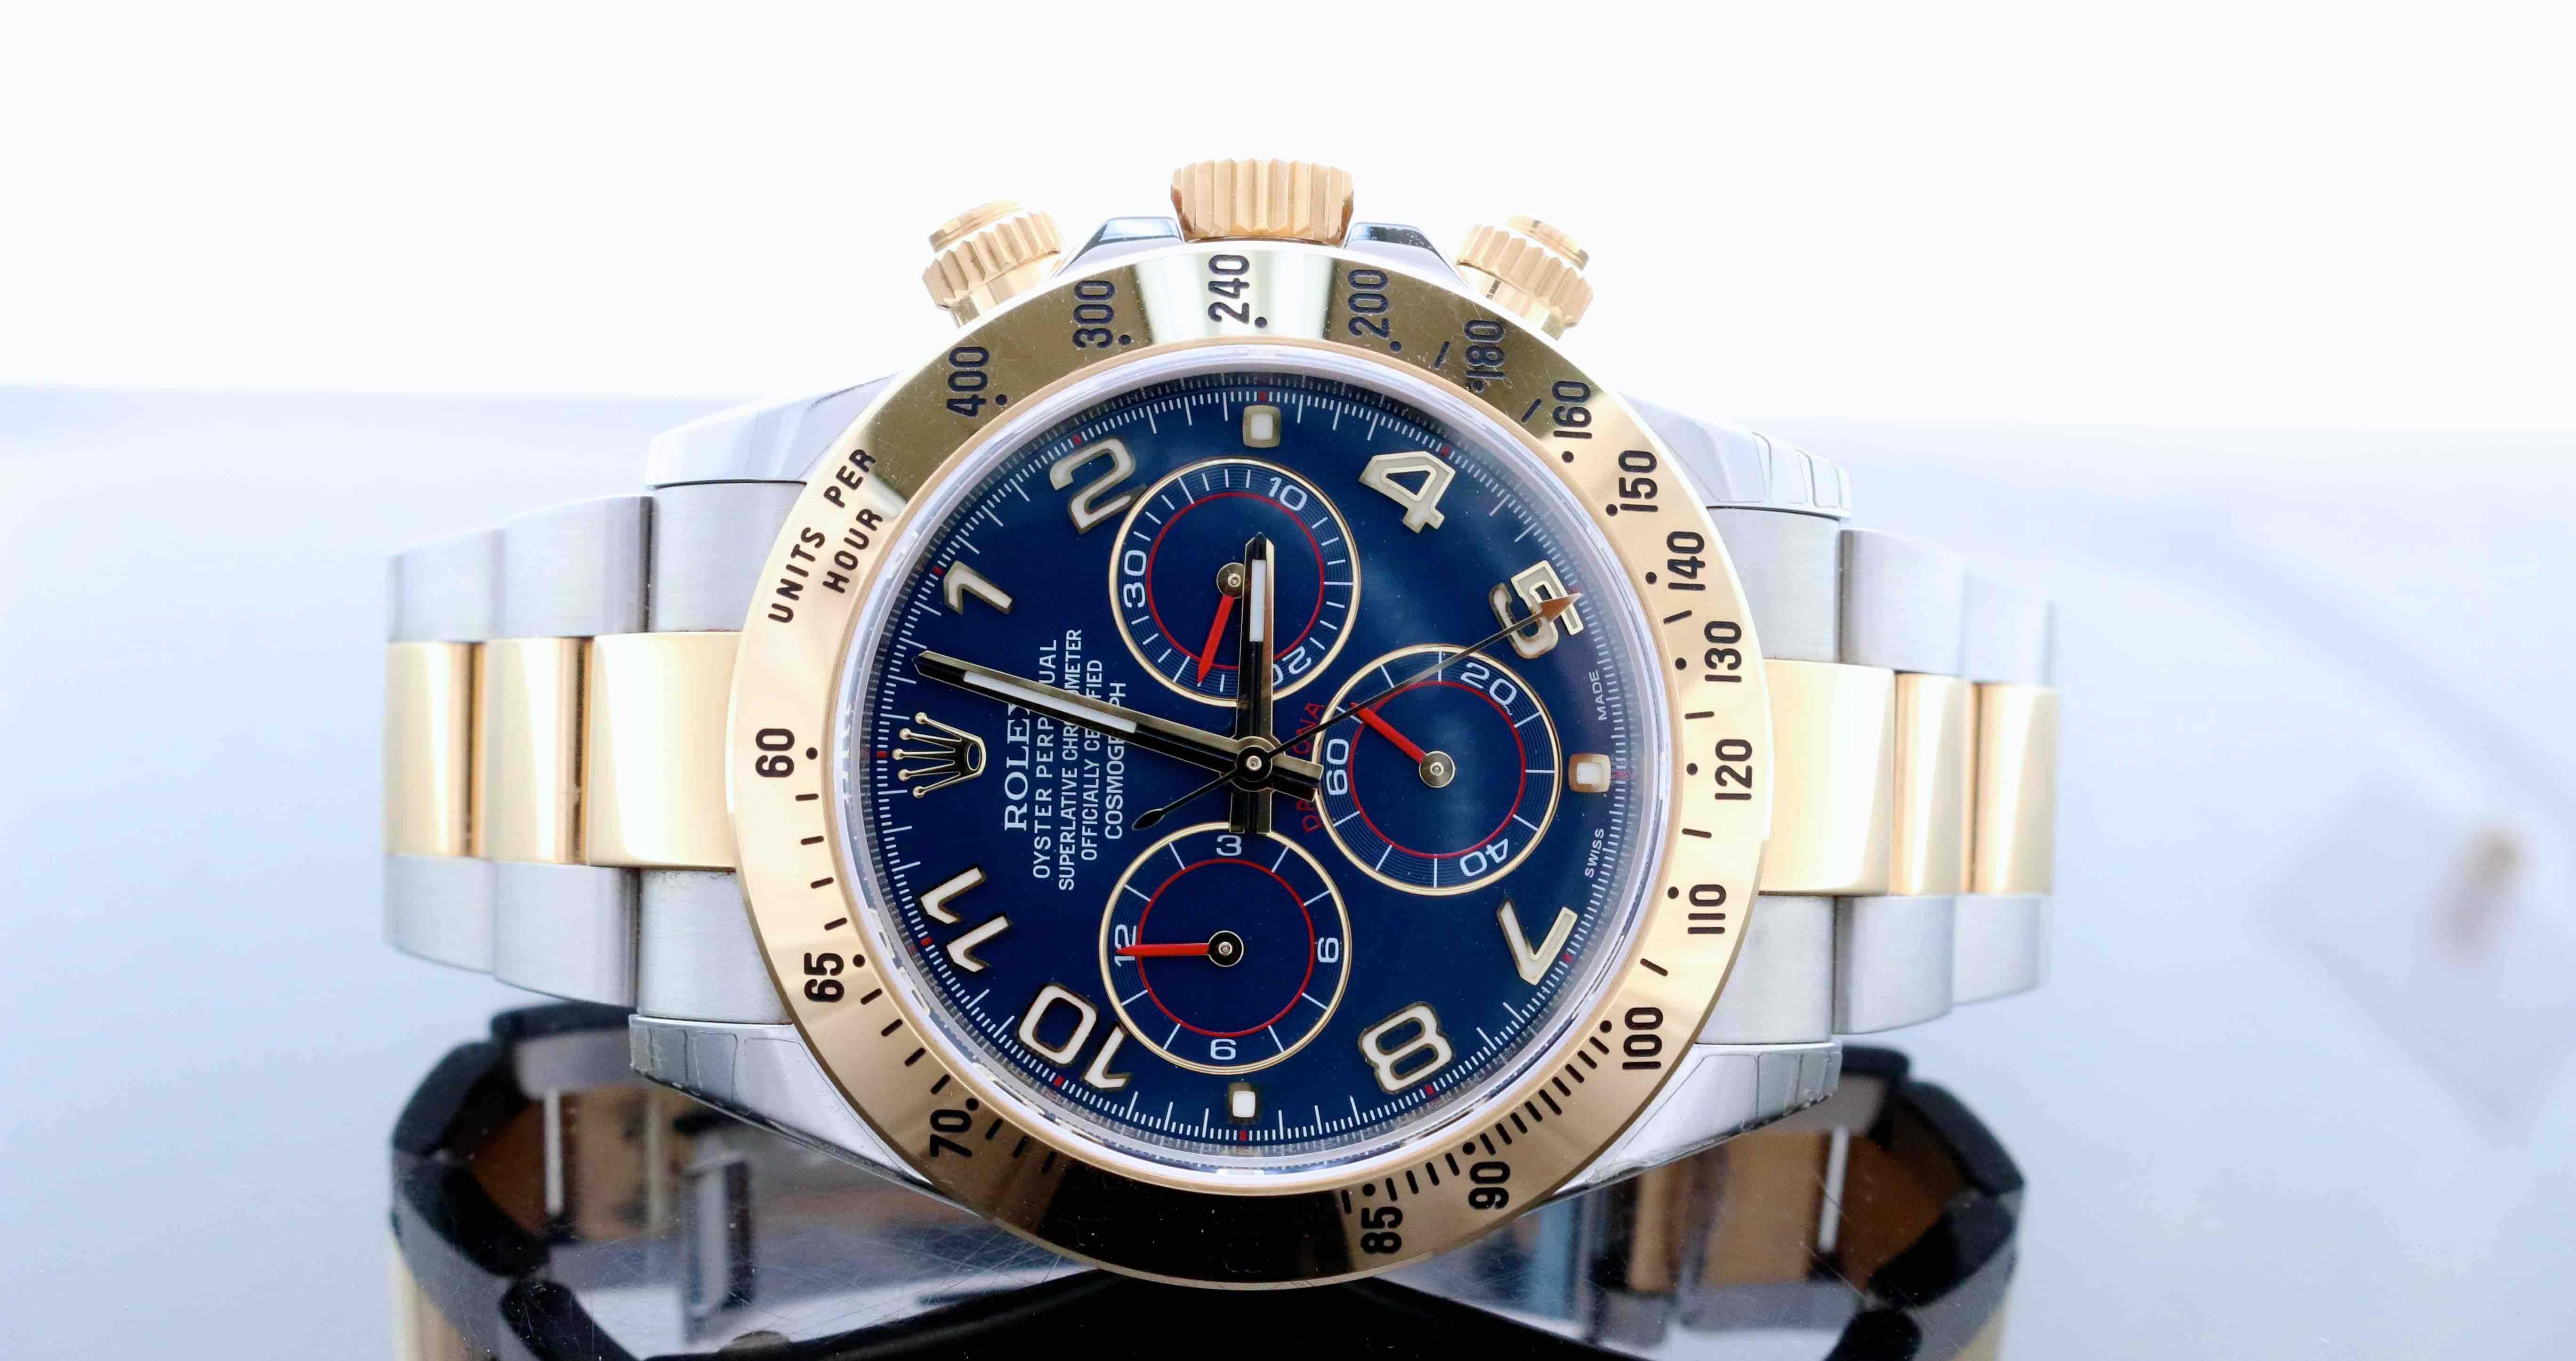 Rolex Daytona Vs. Omega Speedmaster